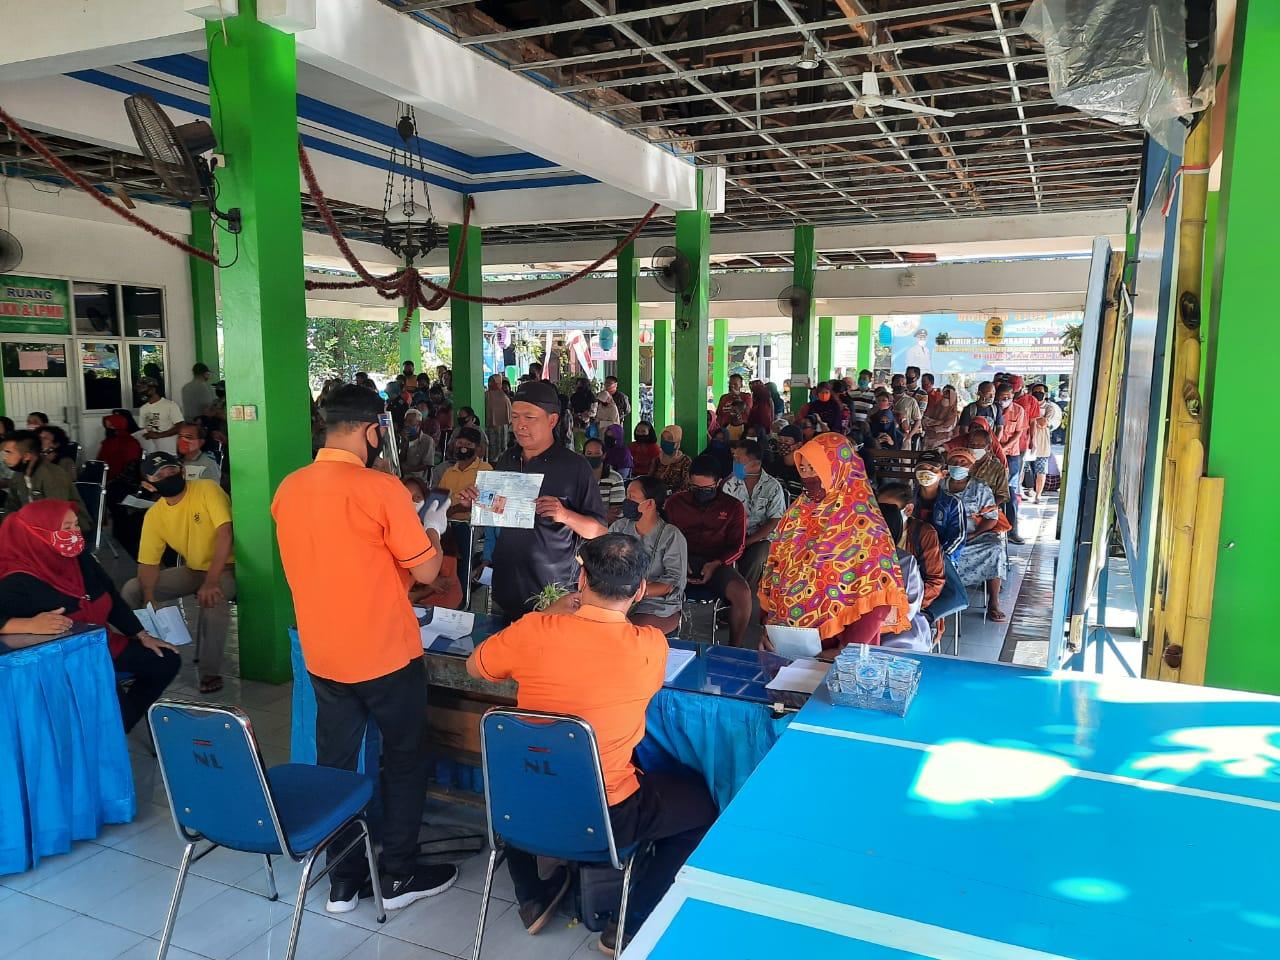 Pada Hari Minggu Warga Kelurahan Nambangan Lor menerima Bantuan BST tahap 4 dan 5  dengan jumlah Penerima 612  Warga